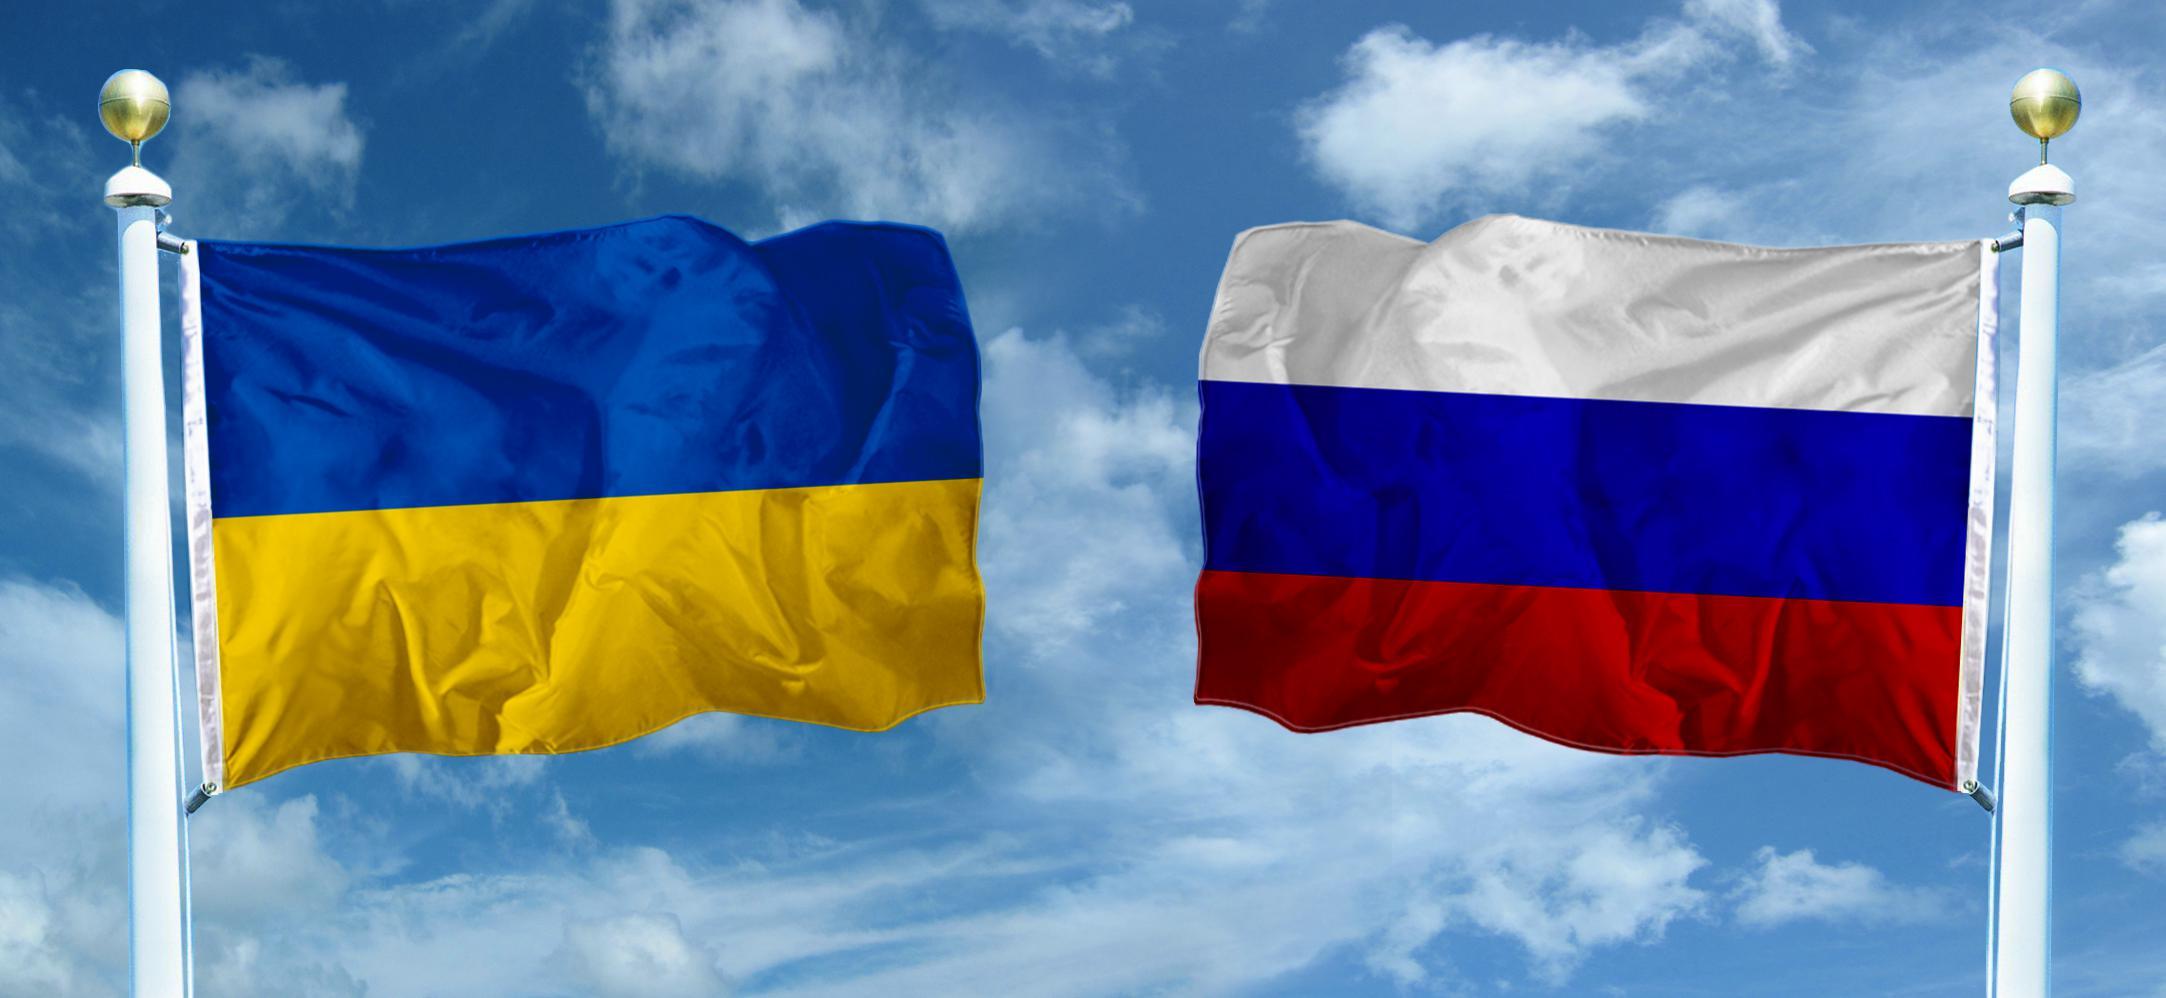 Украина, Закон, Язык, Государственный,  история в Украине Мирович